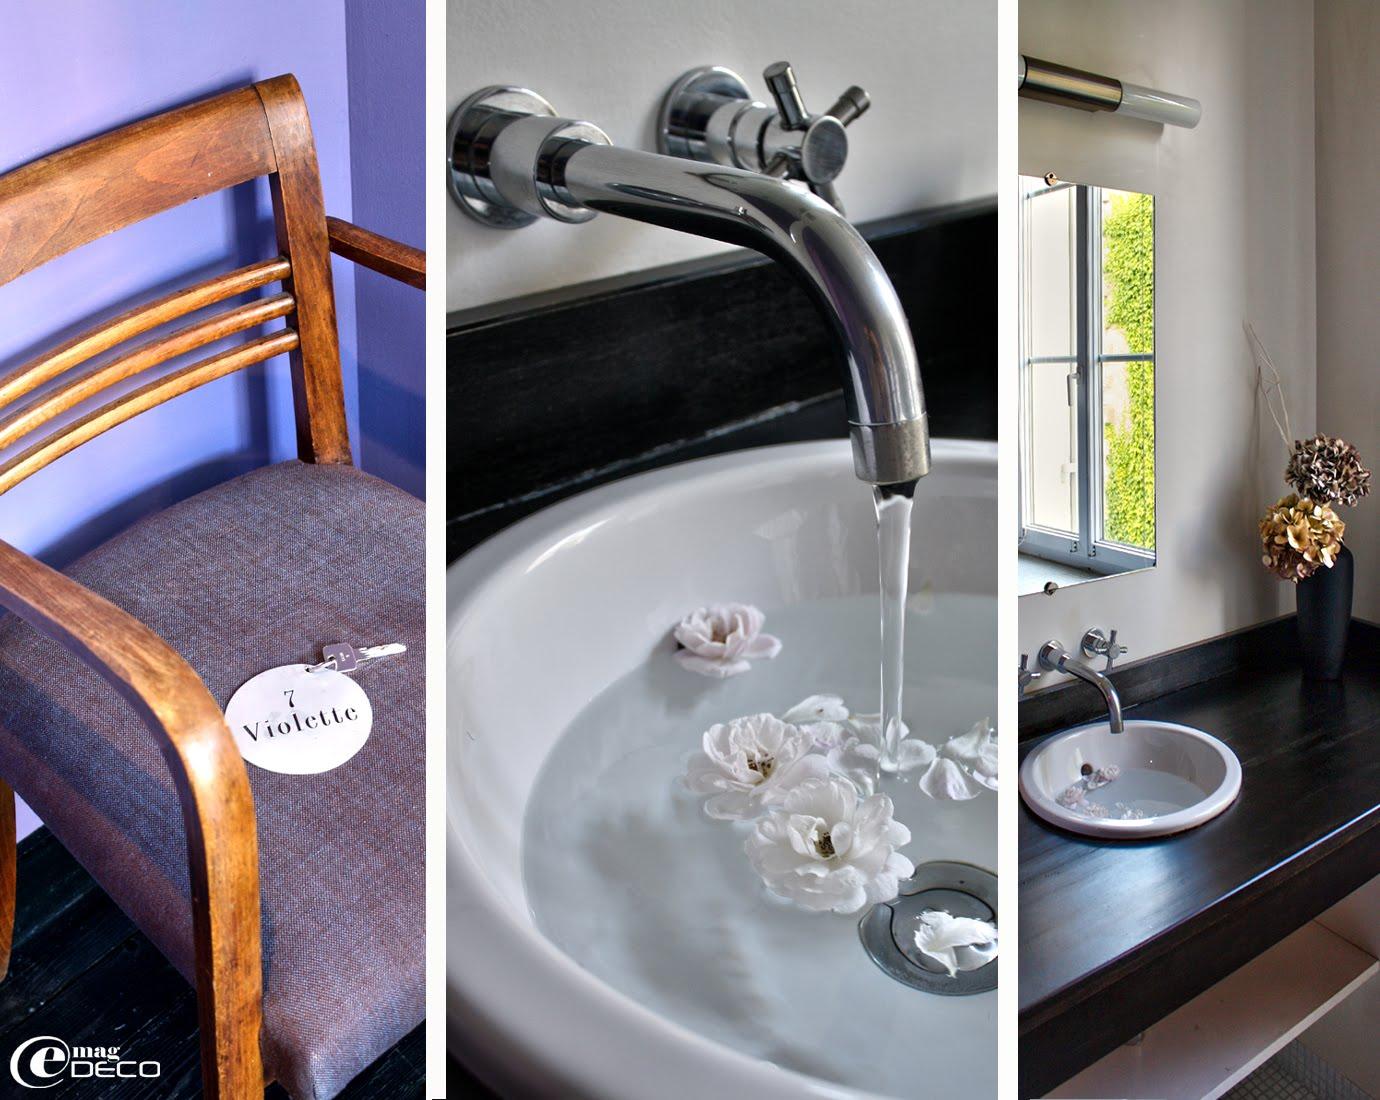 Détails de la salle d'eau de la chambre Violette de l'hôtel La Maison Bord'Eaux